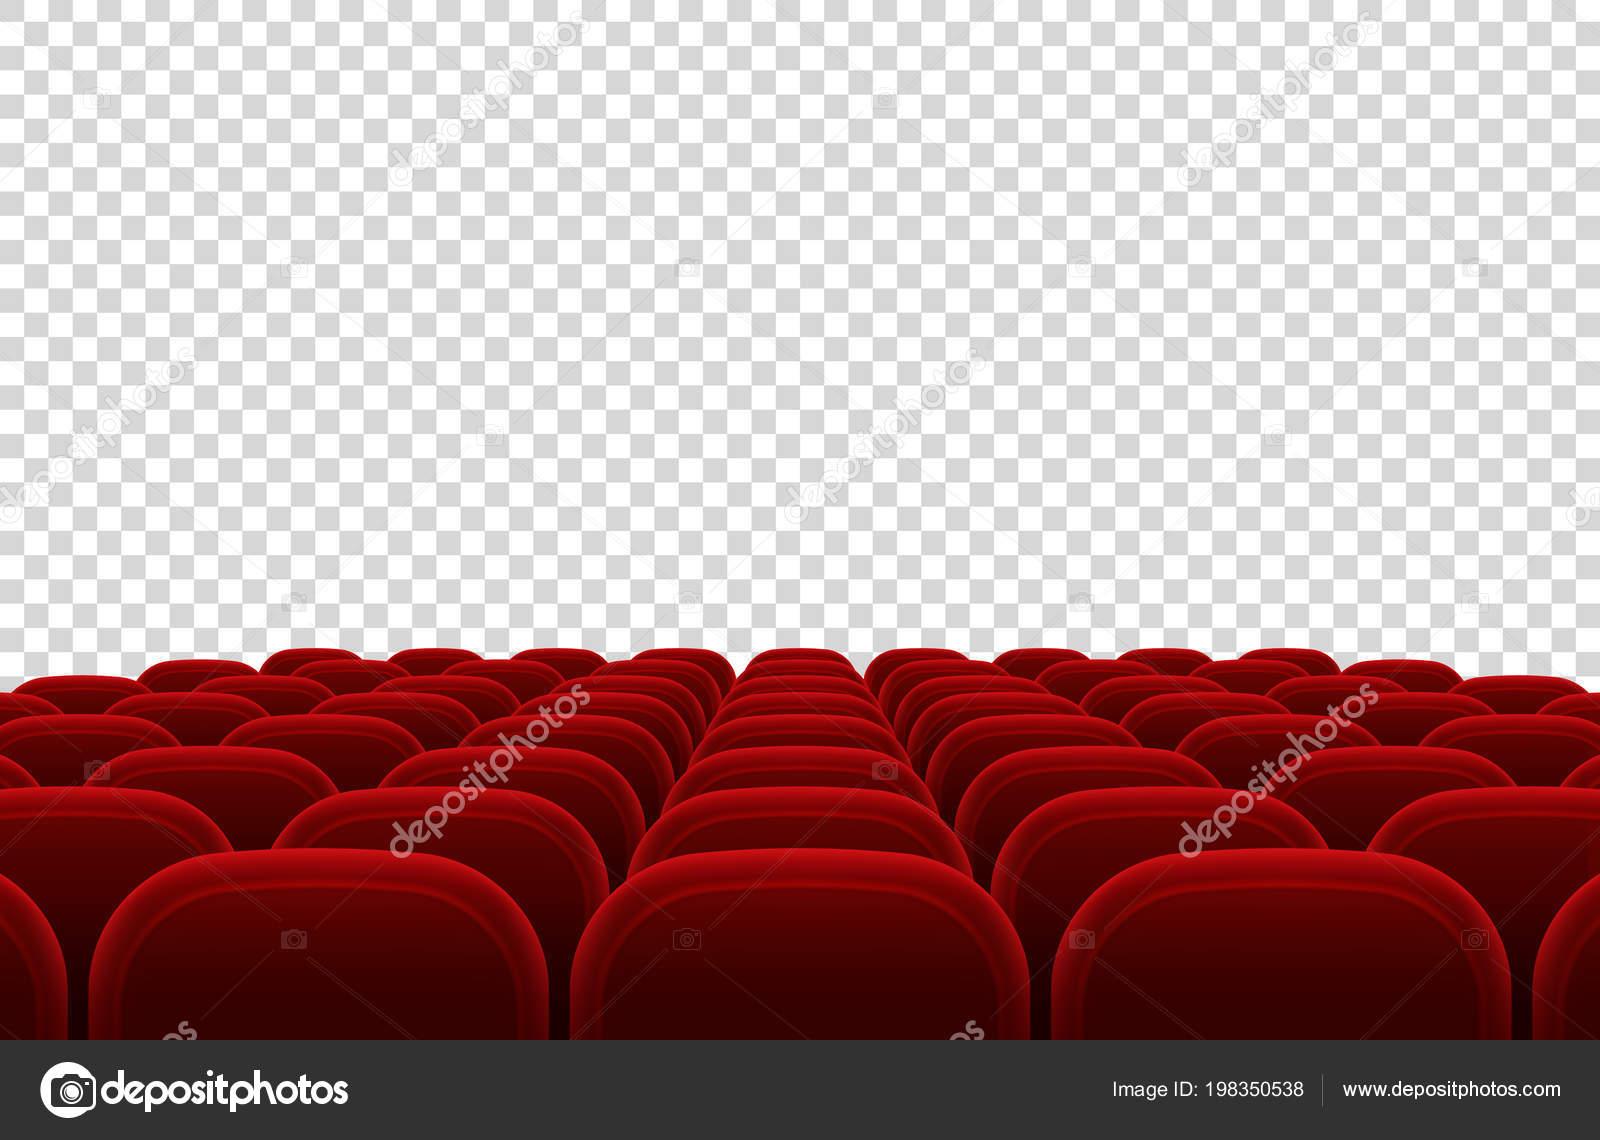 1746121a9 Auditório de teatro de filme vazio com lugares vermelhos. Ilustração em  vetor de isolado interior salão cinema. Interior do Auditório Municipal de  teatro e ...